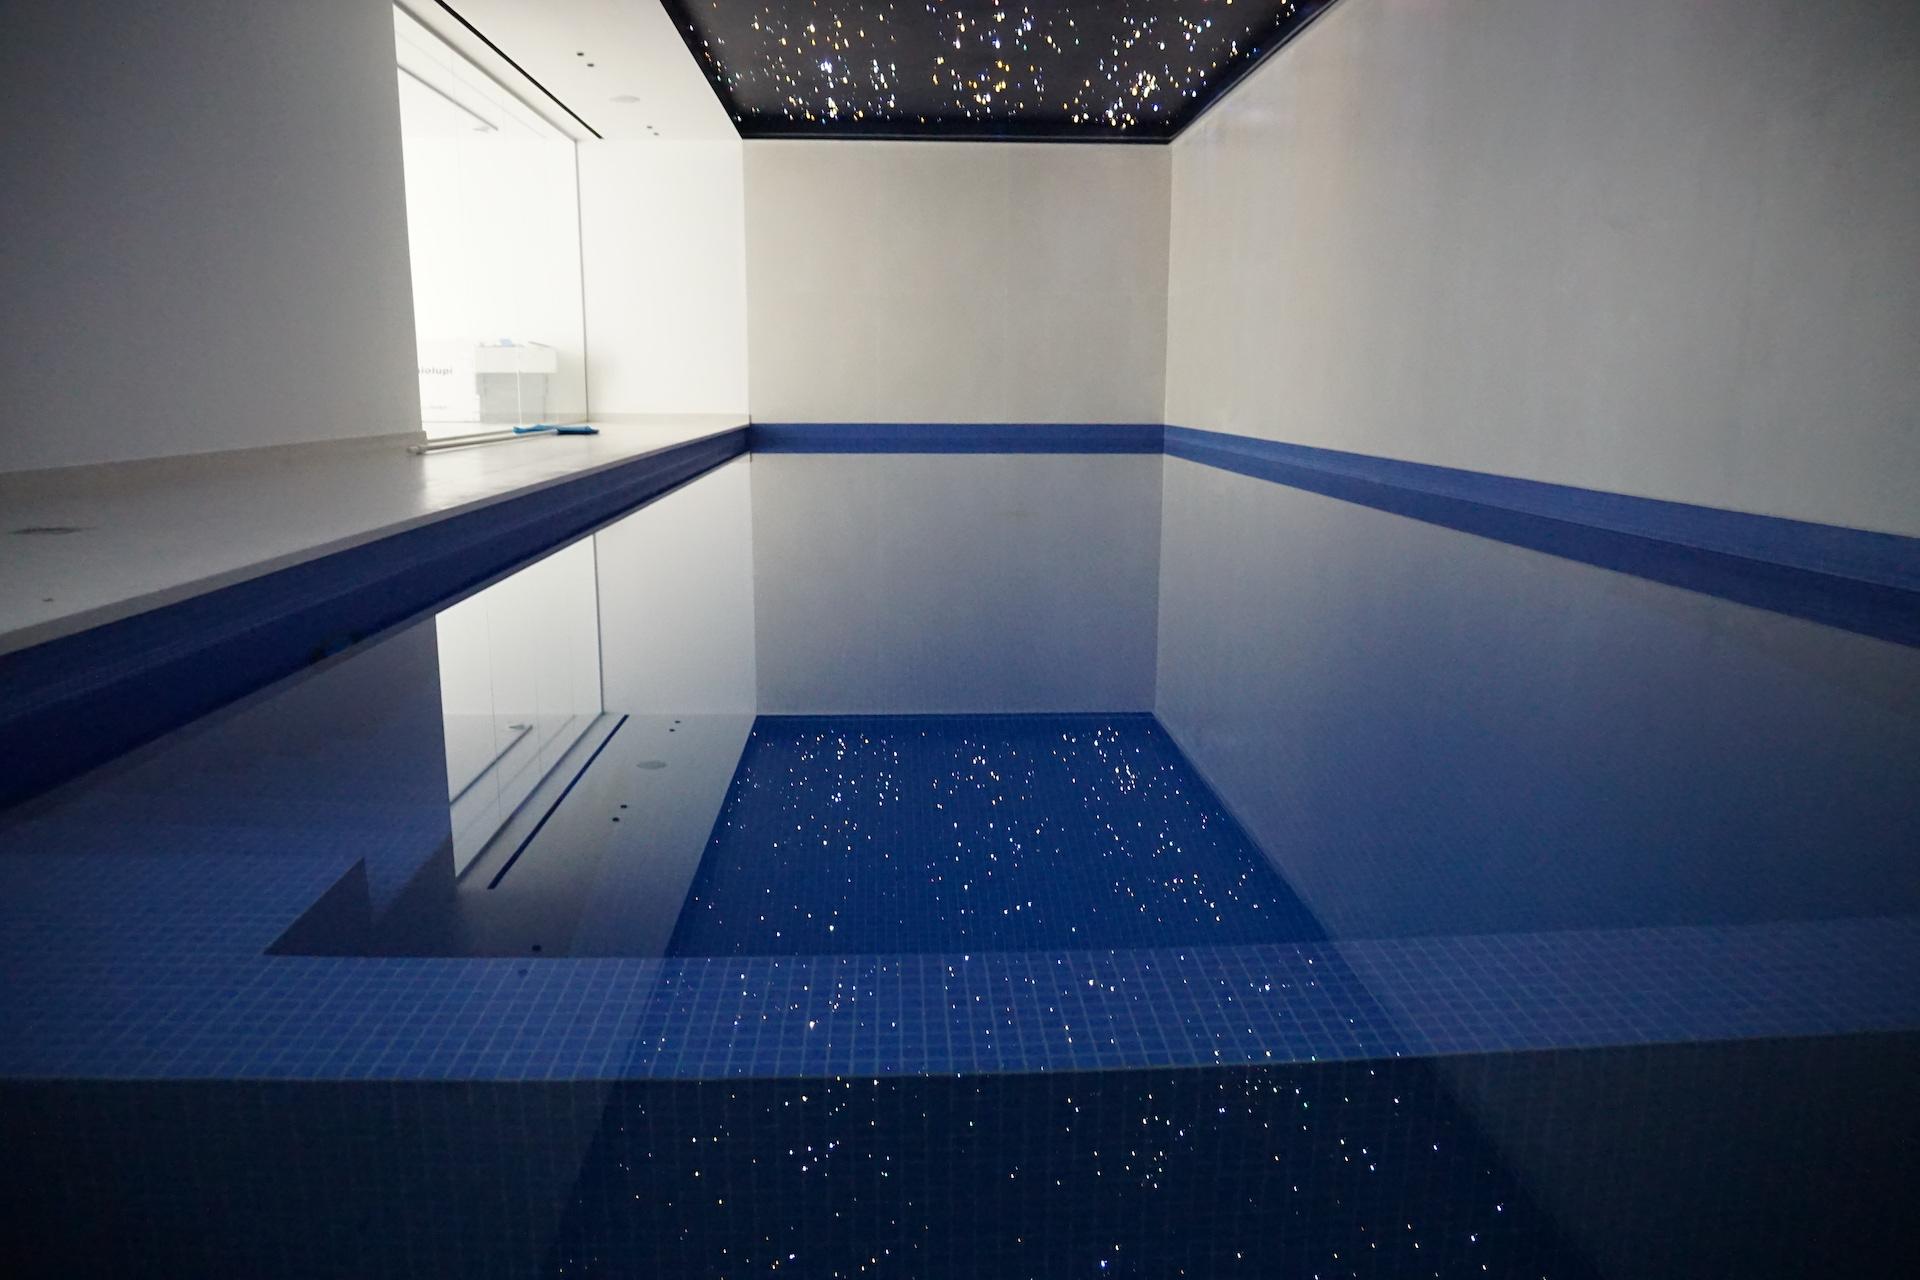 zwembad verlichting sterrenhemel mycosmos led glasvezel plafond bodem